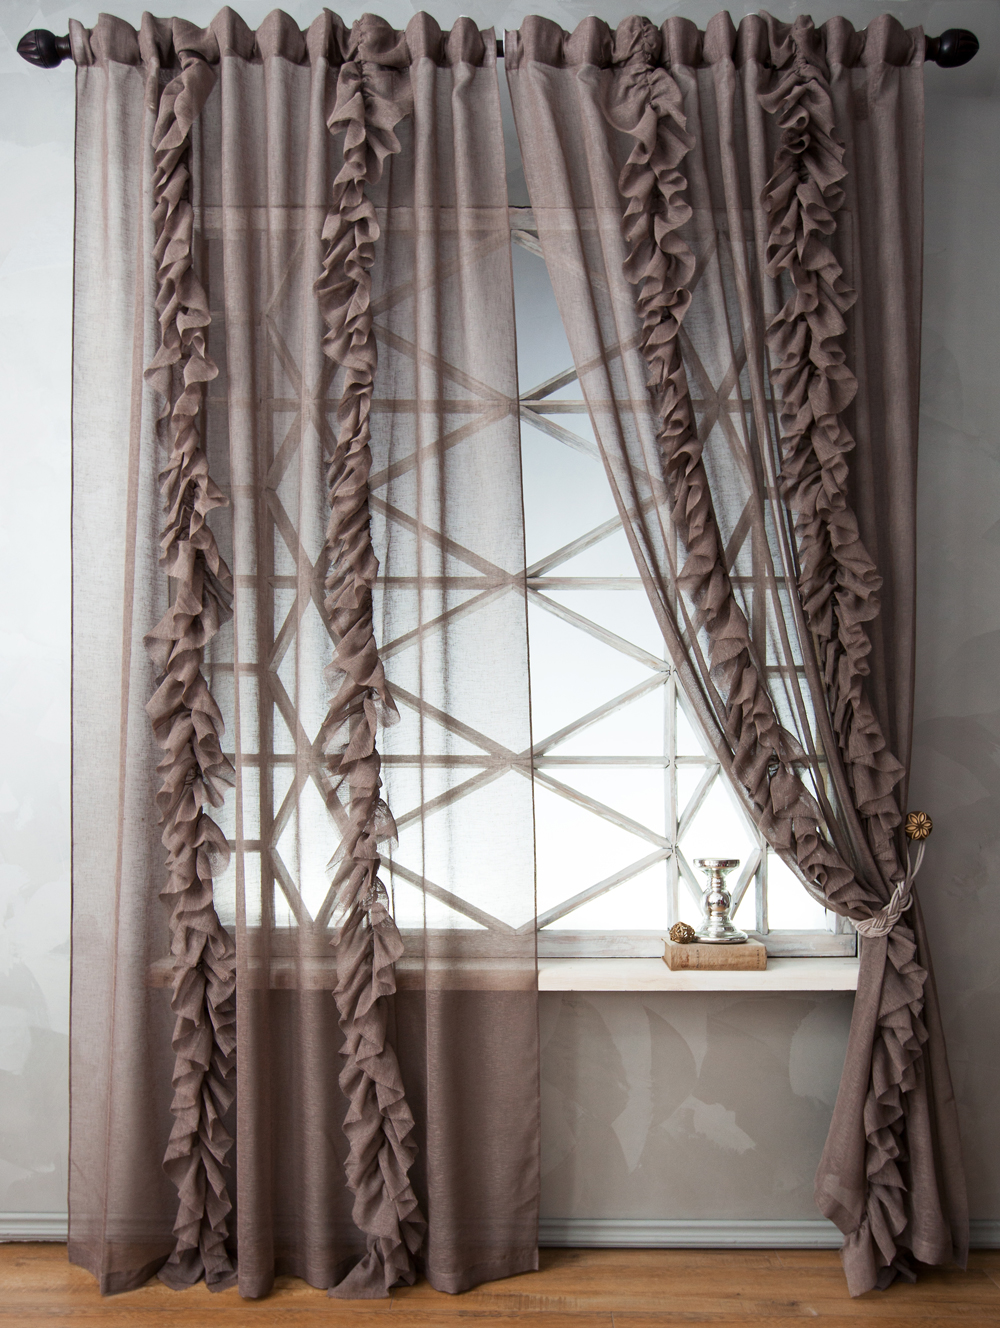 Шторы PASIONARIA Классические шторы Иви Цвет: Коричневый pasionaria pasionaria классические шторы оксфорд цвет зеленый